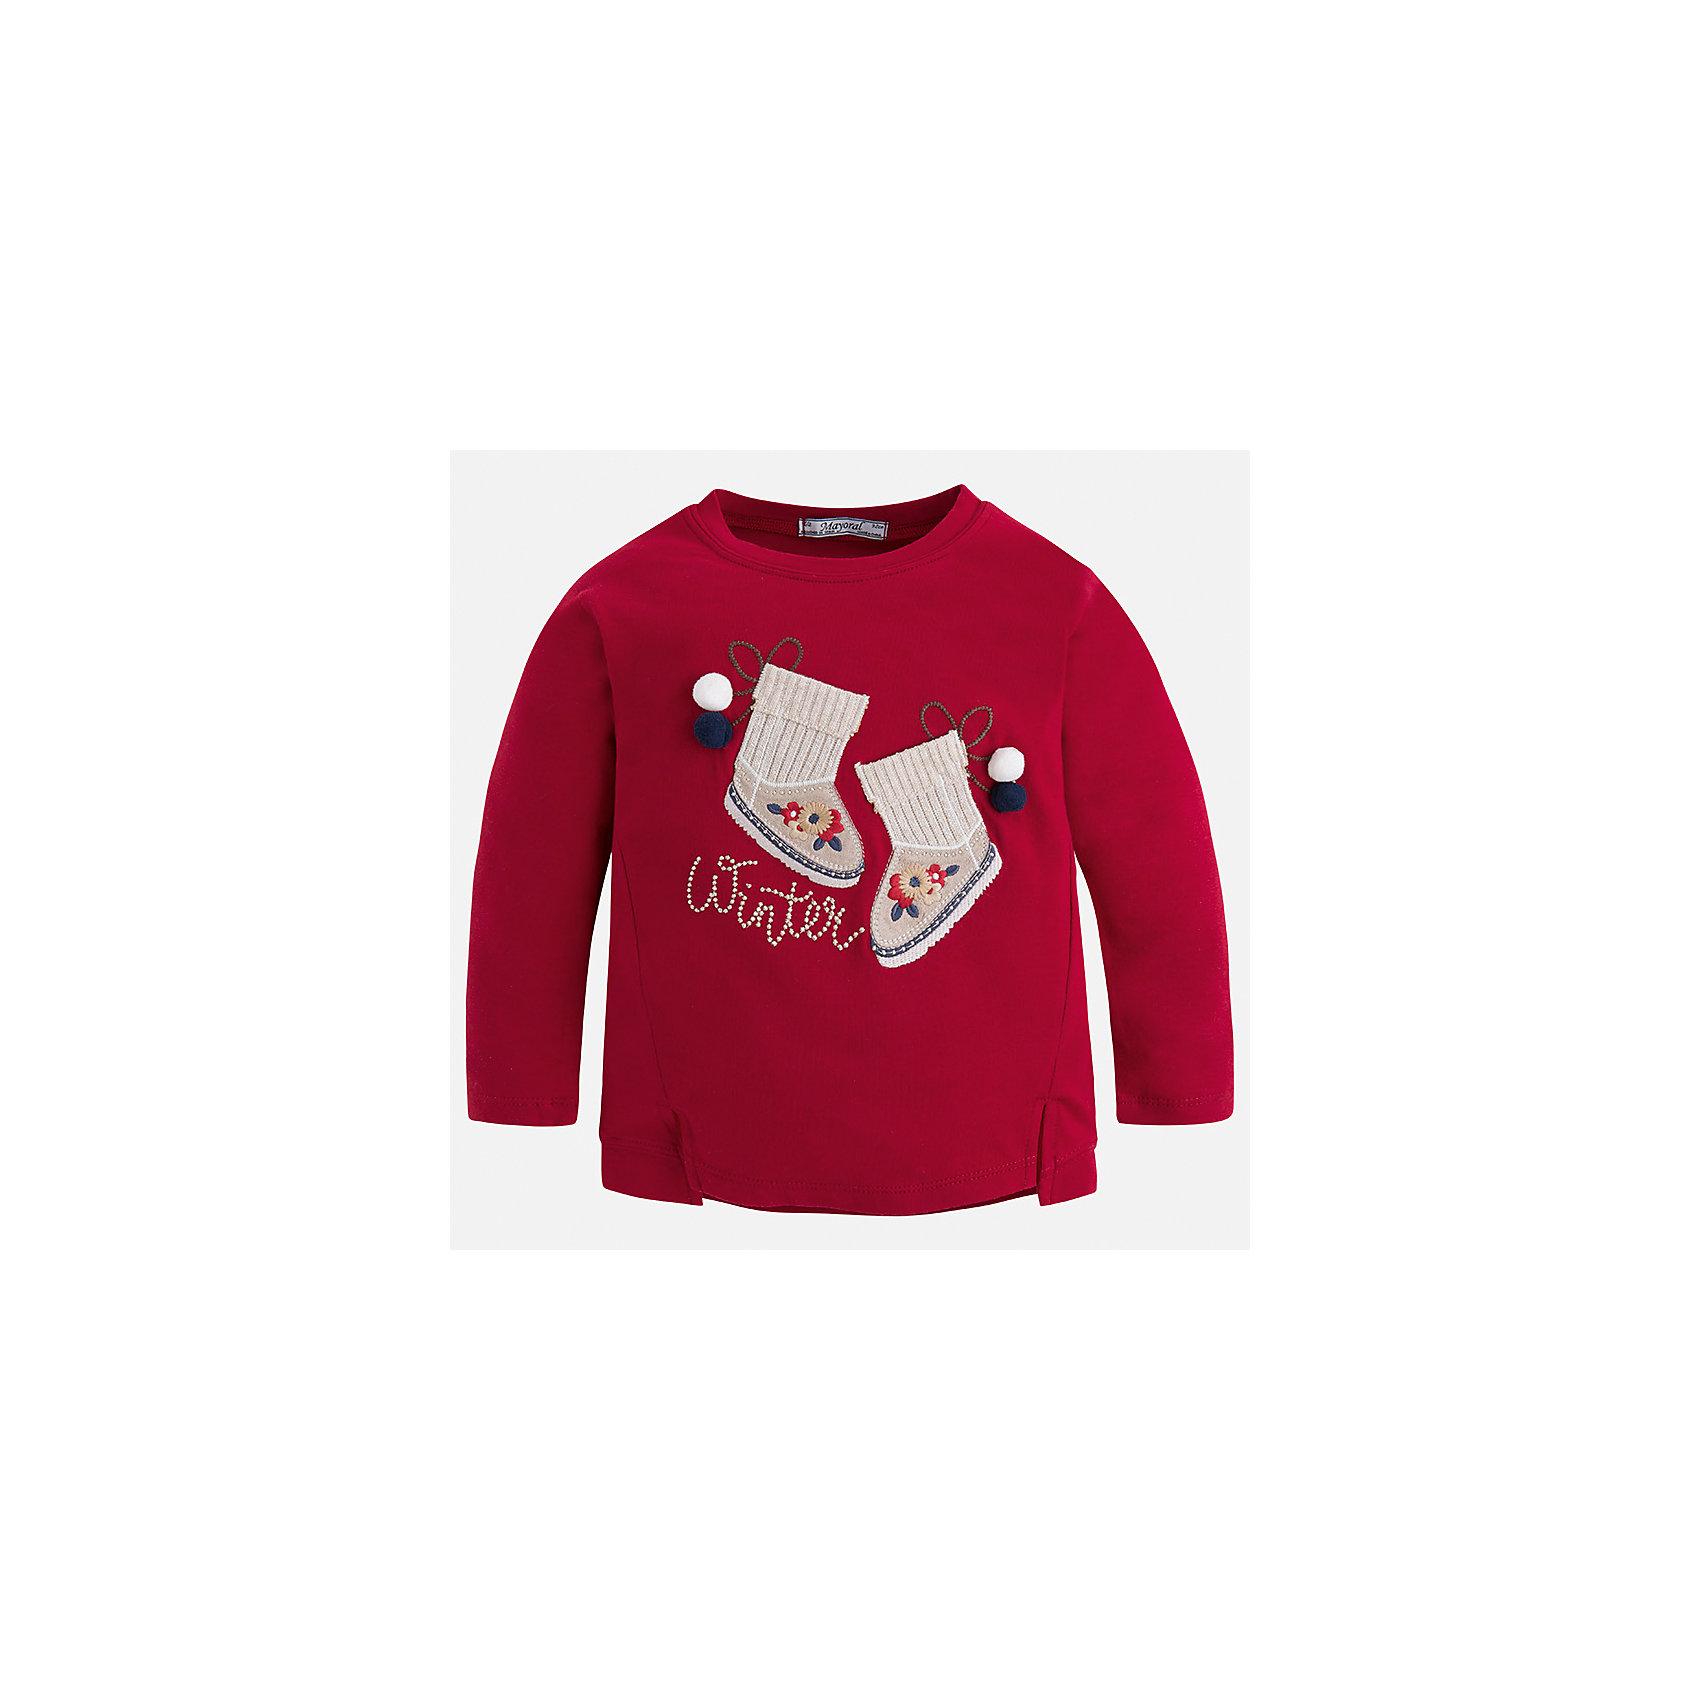 Футболка с длинным рукавом Mayoral для девочкиФутболки с длинным рукавом<br>Характеристики товара:<br><br>• цвет: красный<br>• состав ткани: 95% хлопок, 5% эластан<br>• сезон: круглый год<br>• длинные рукава<br>• страна бренда: Испания<br>• страна изготовитель: Китай<br><br>Эта футболка отличается свободным силуэтом и интересной отделкой. Стильная футболка с длинным рукавом для девочки от бренда Майорал поможет девочке выглядеть модно и чувствовать себя комфортно. <br><br>Для производства детской одежды популярный бренд Mayoral использует только качественную фурнитуру и материалы. Оригинальные и модные вещи от Майорал неизменно привлекают внимание и нравятся детям.<br><br>Футболку с длинным рукавом для девочки Mayoral (Майорал) можно купить в нашем интернет-магазине.<br><br>Ширина мм: 230<br>Глубина мм: 40<br>Высота мм: 220<br>Вес г: 250<br>Цвет: красный<br>Возраст от месяцев: 96<br>Возраст до месяцев: 108<br>Пол: Женский<br>Возраст: Детский<br>Размер: 134,98,104,110,116,122,128<br>SKU: 6923878